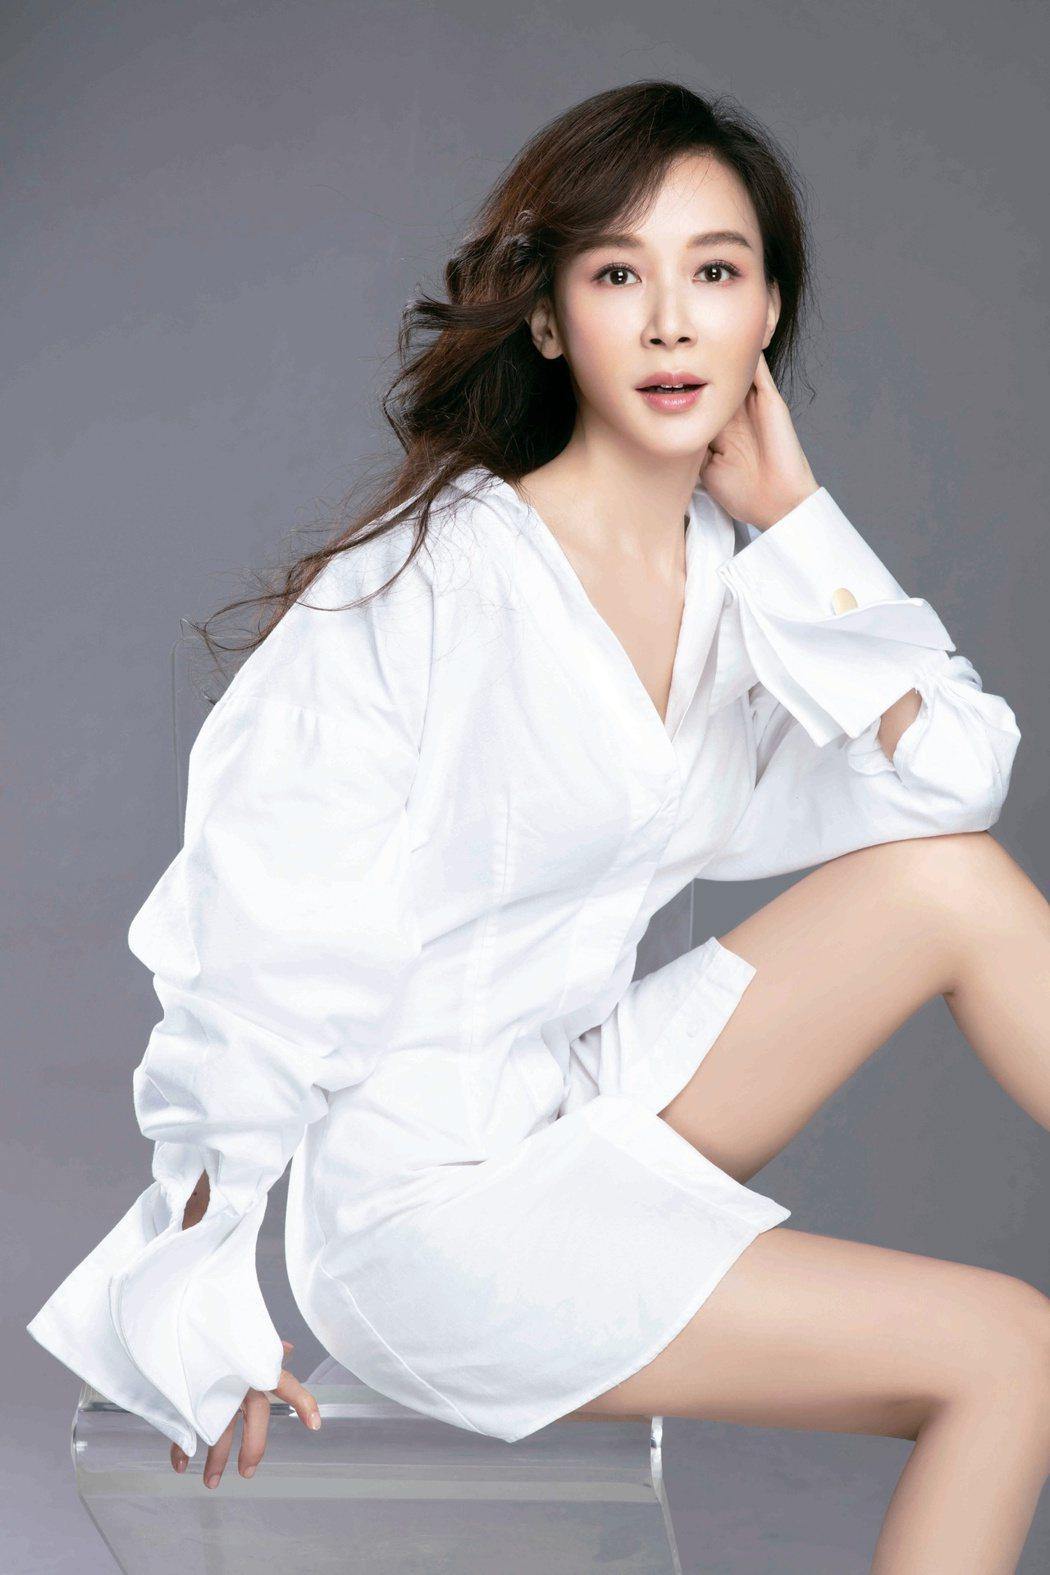 台灣第一美女蕭薔出版2020最新年曆,現場也供義賣。圖/珍世美學慈善基金會提供